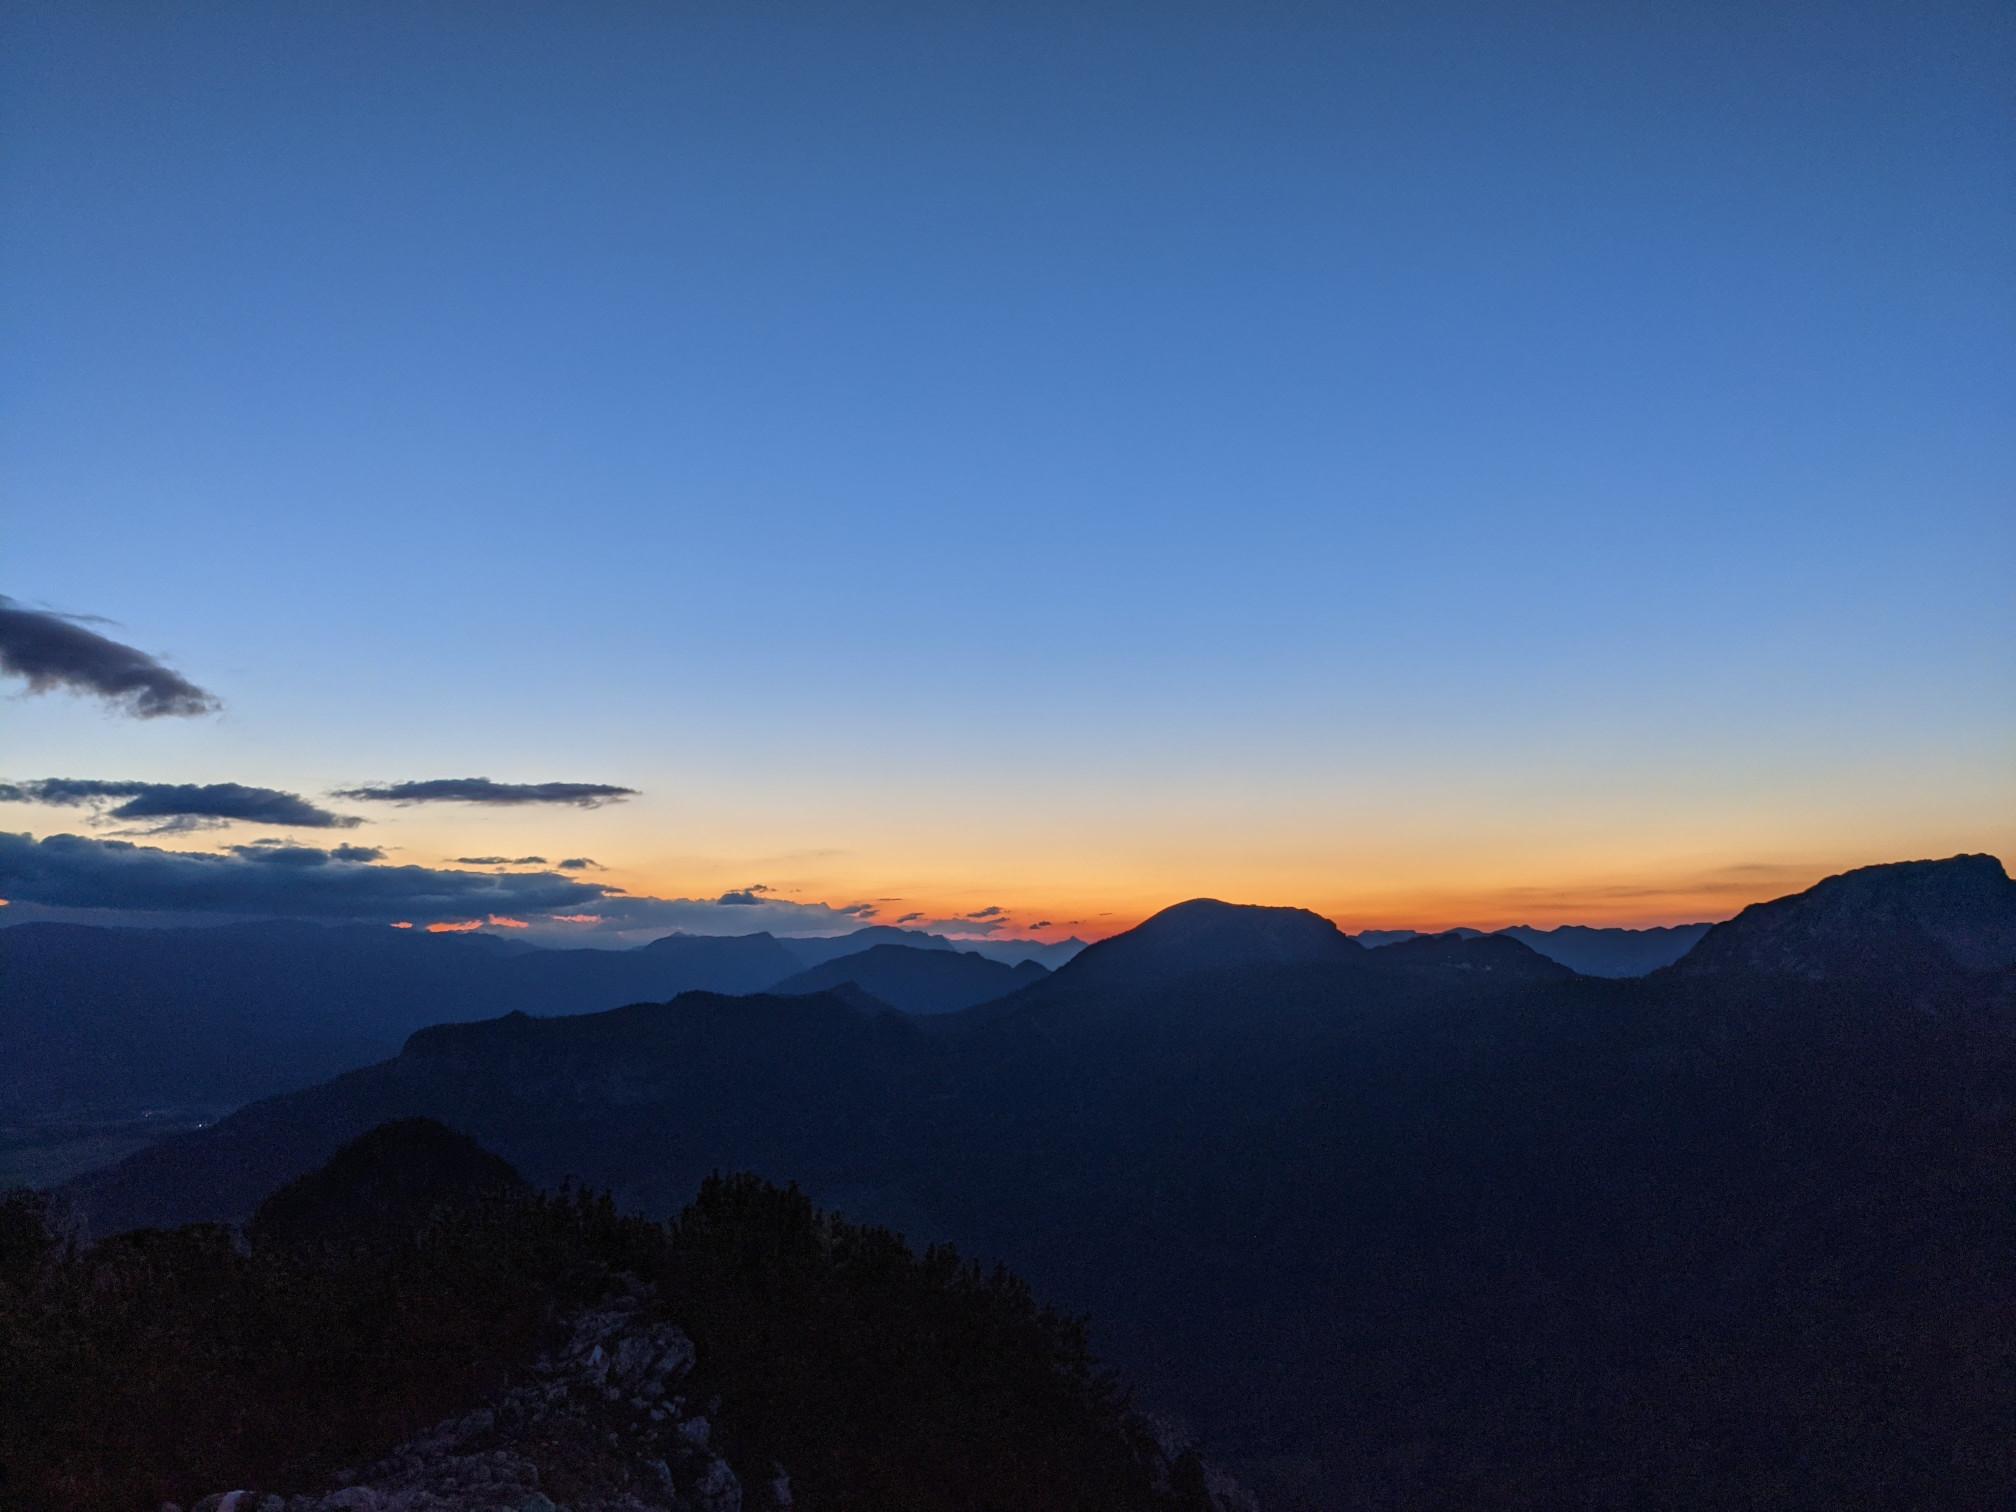 2021-09-18 Alpenglühen